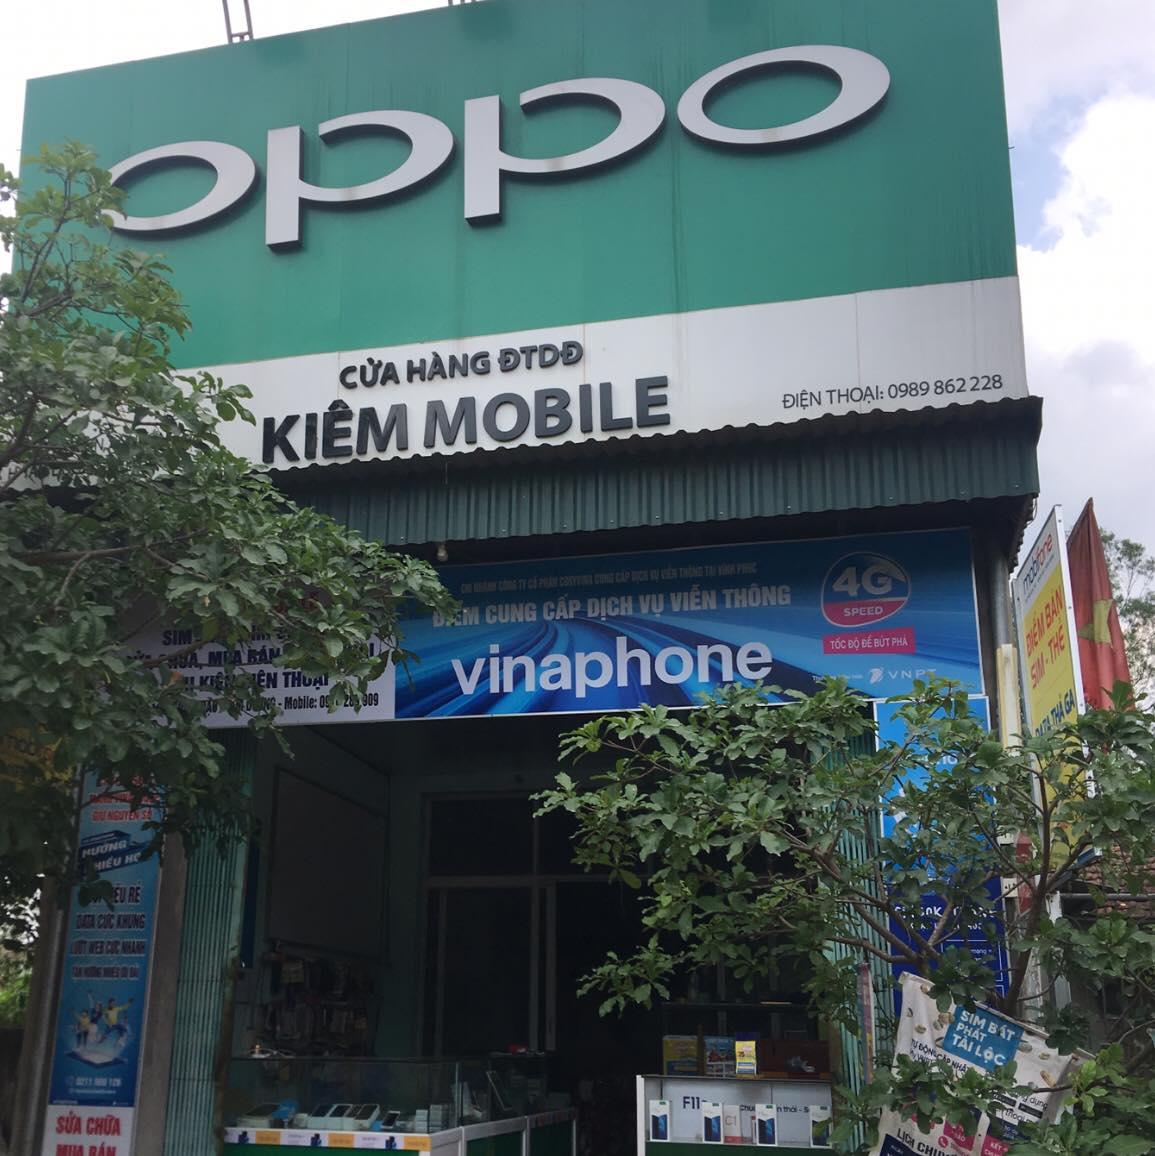 Top cửa hàng sửa chữa điện thoại tại TP.Vĩnh Yên, Vĩnh Phúc